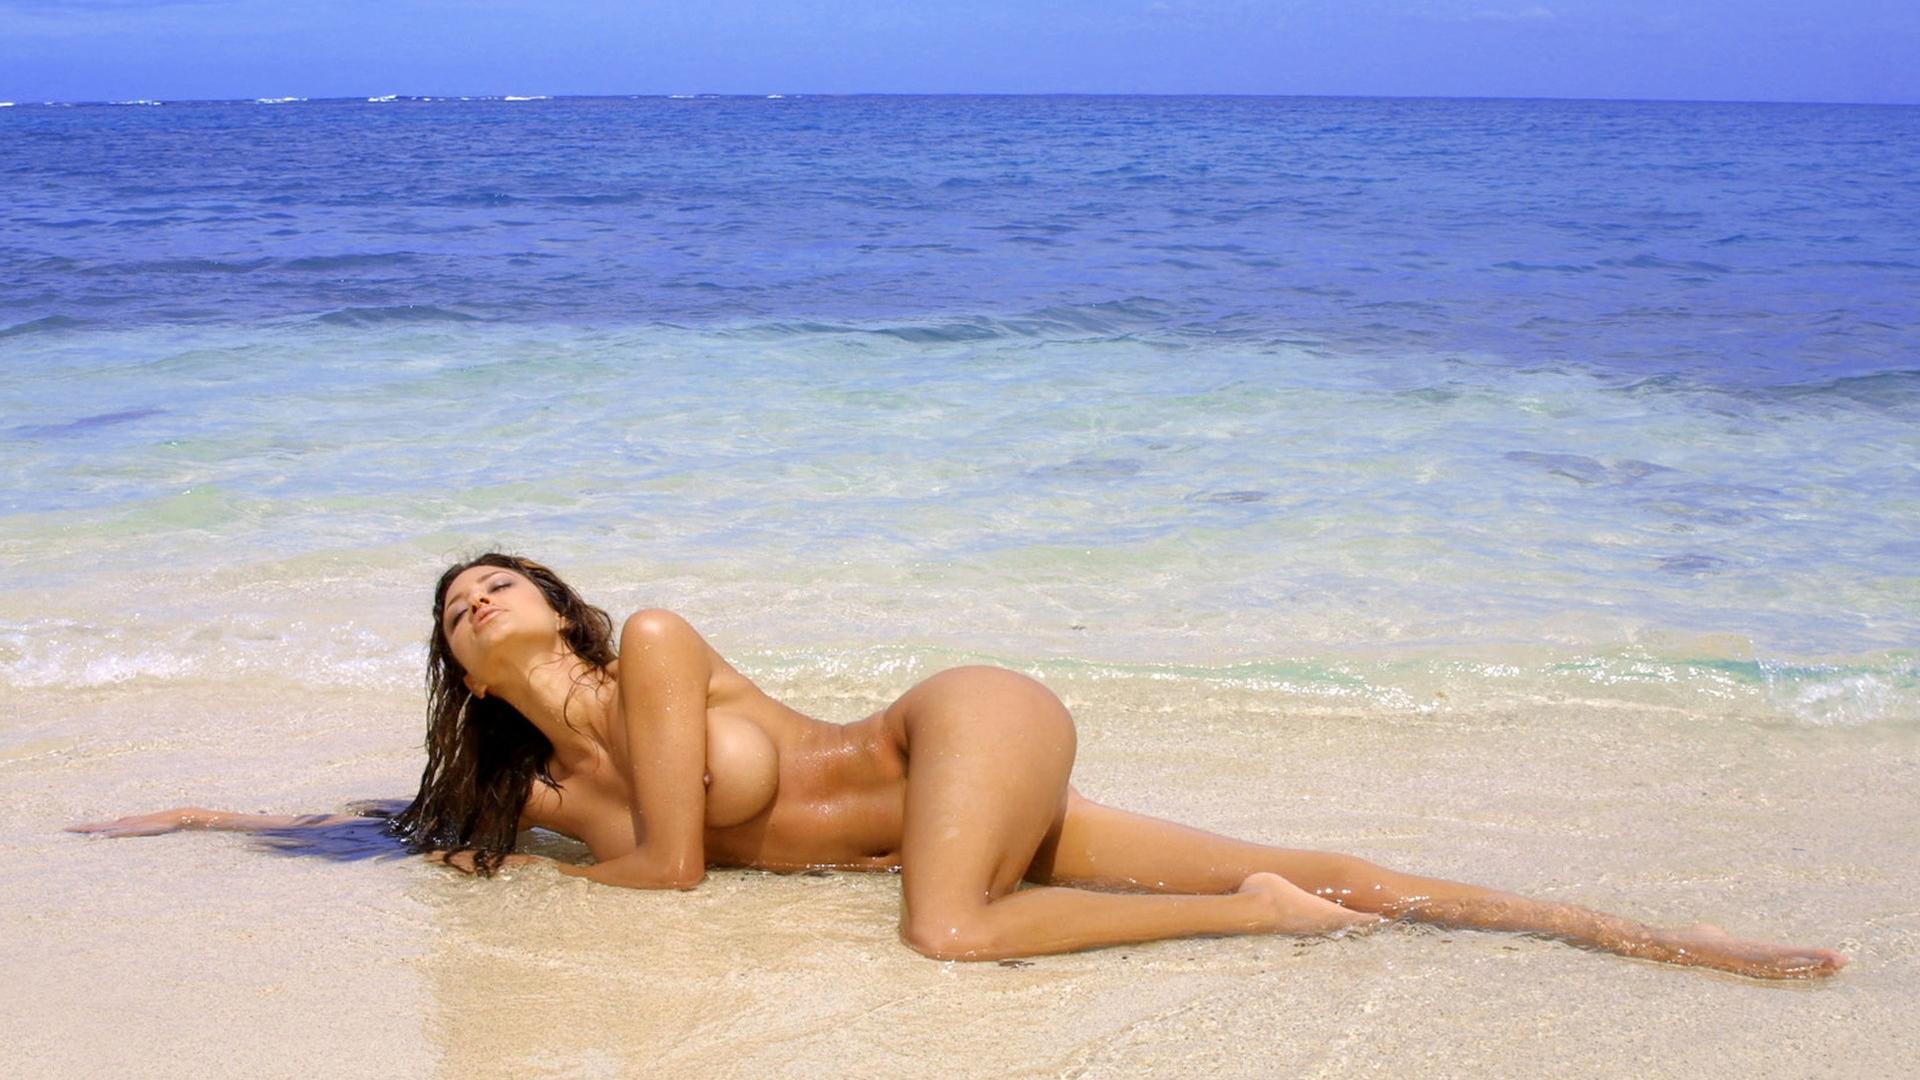 Смотреть нежный секс на берегу моря 29 фотография